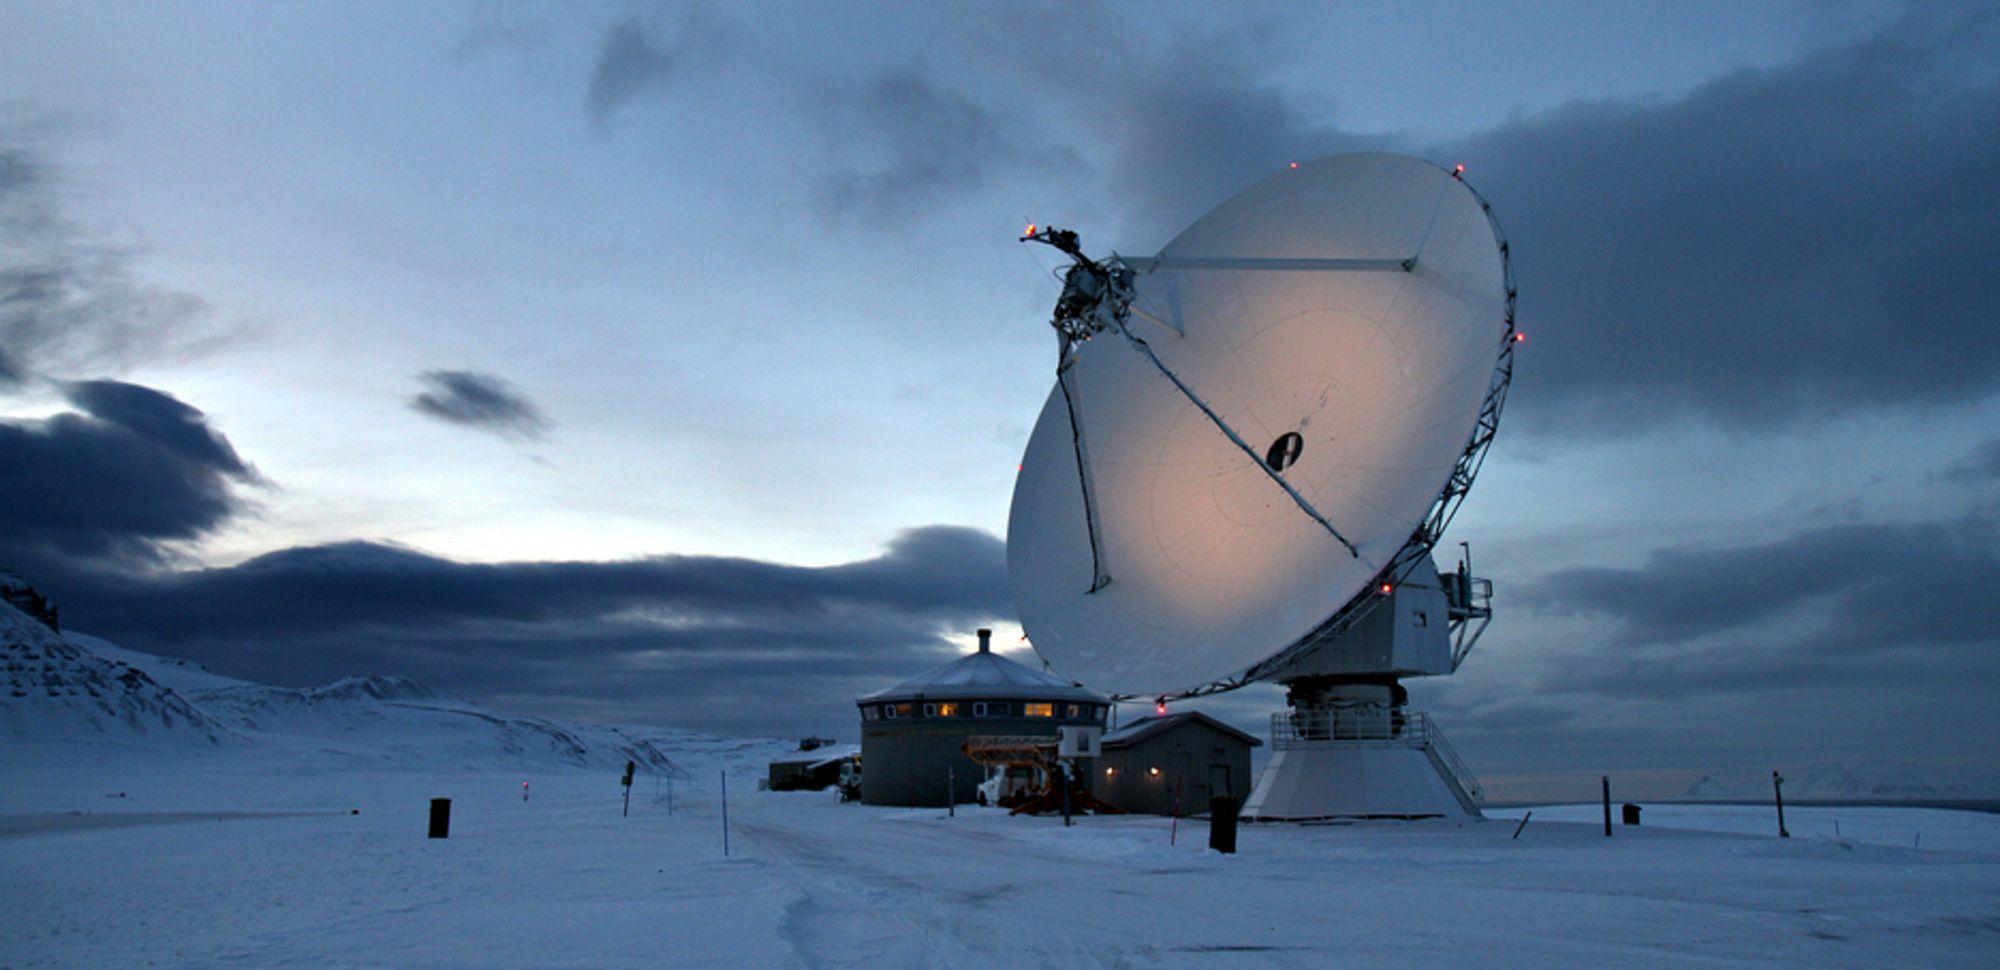 Regjeringen sier ja til bygging av nytt observatorium i Ny-Ålesund.